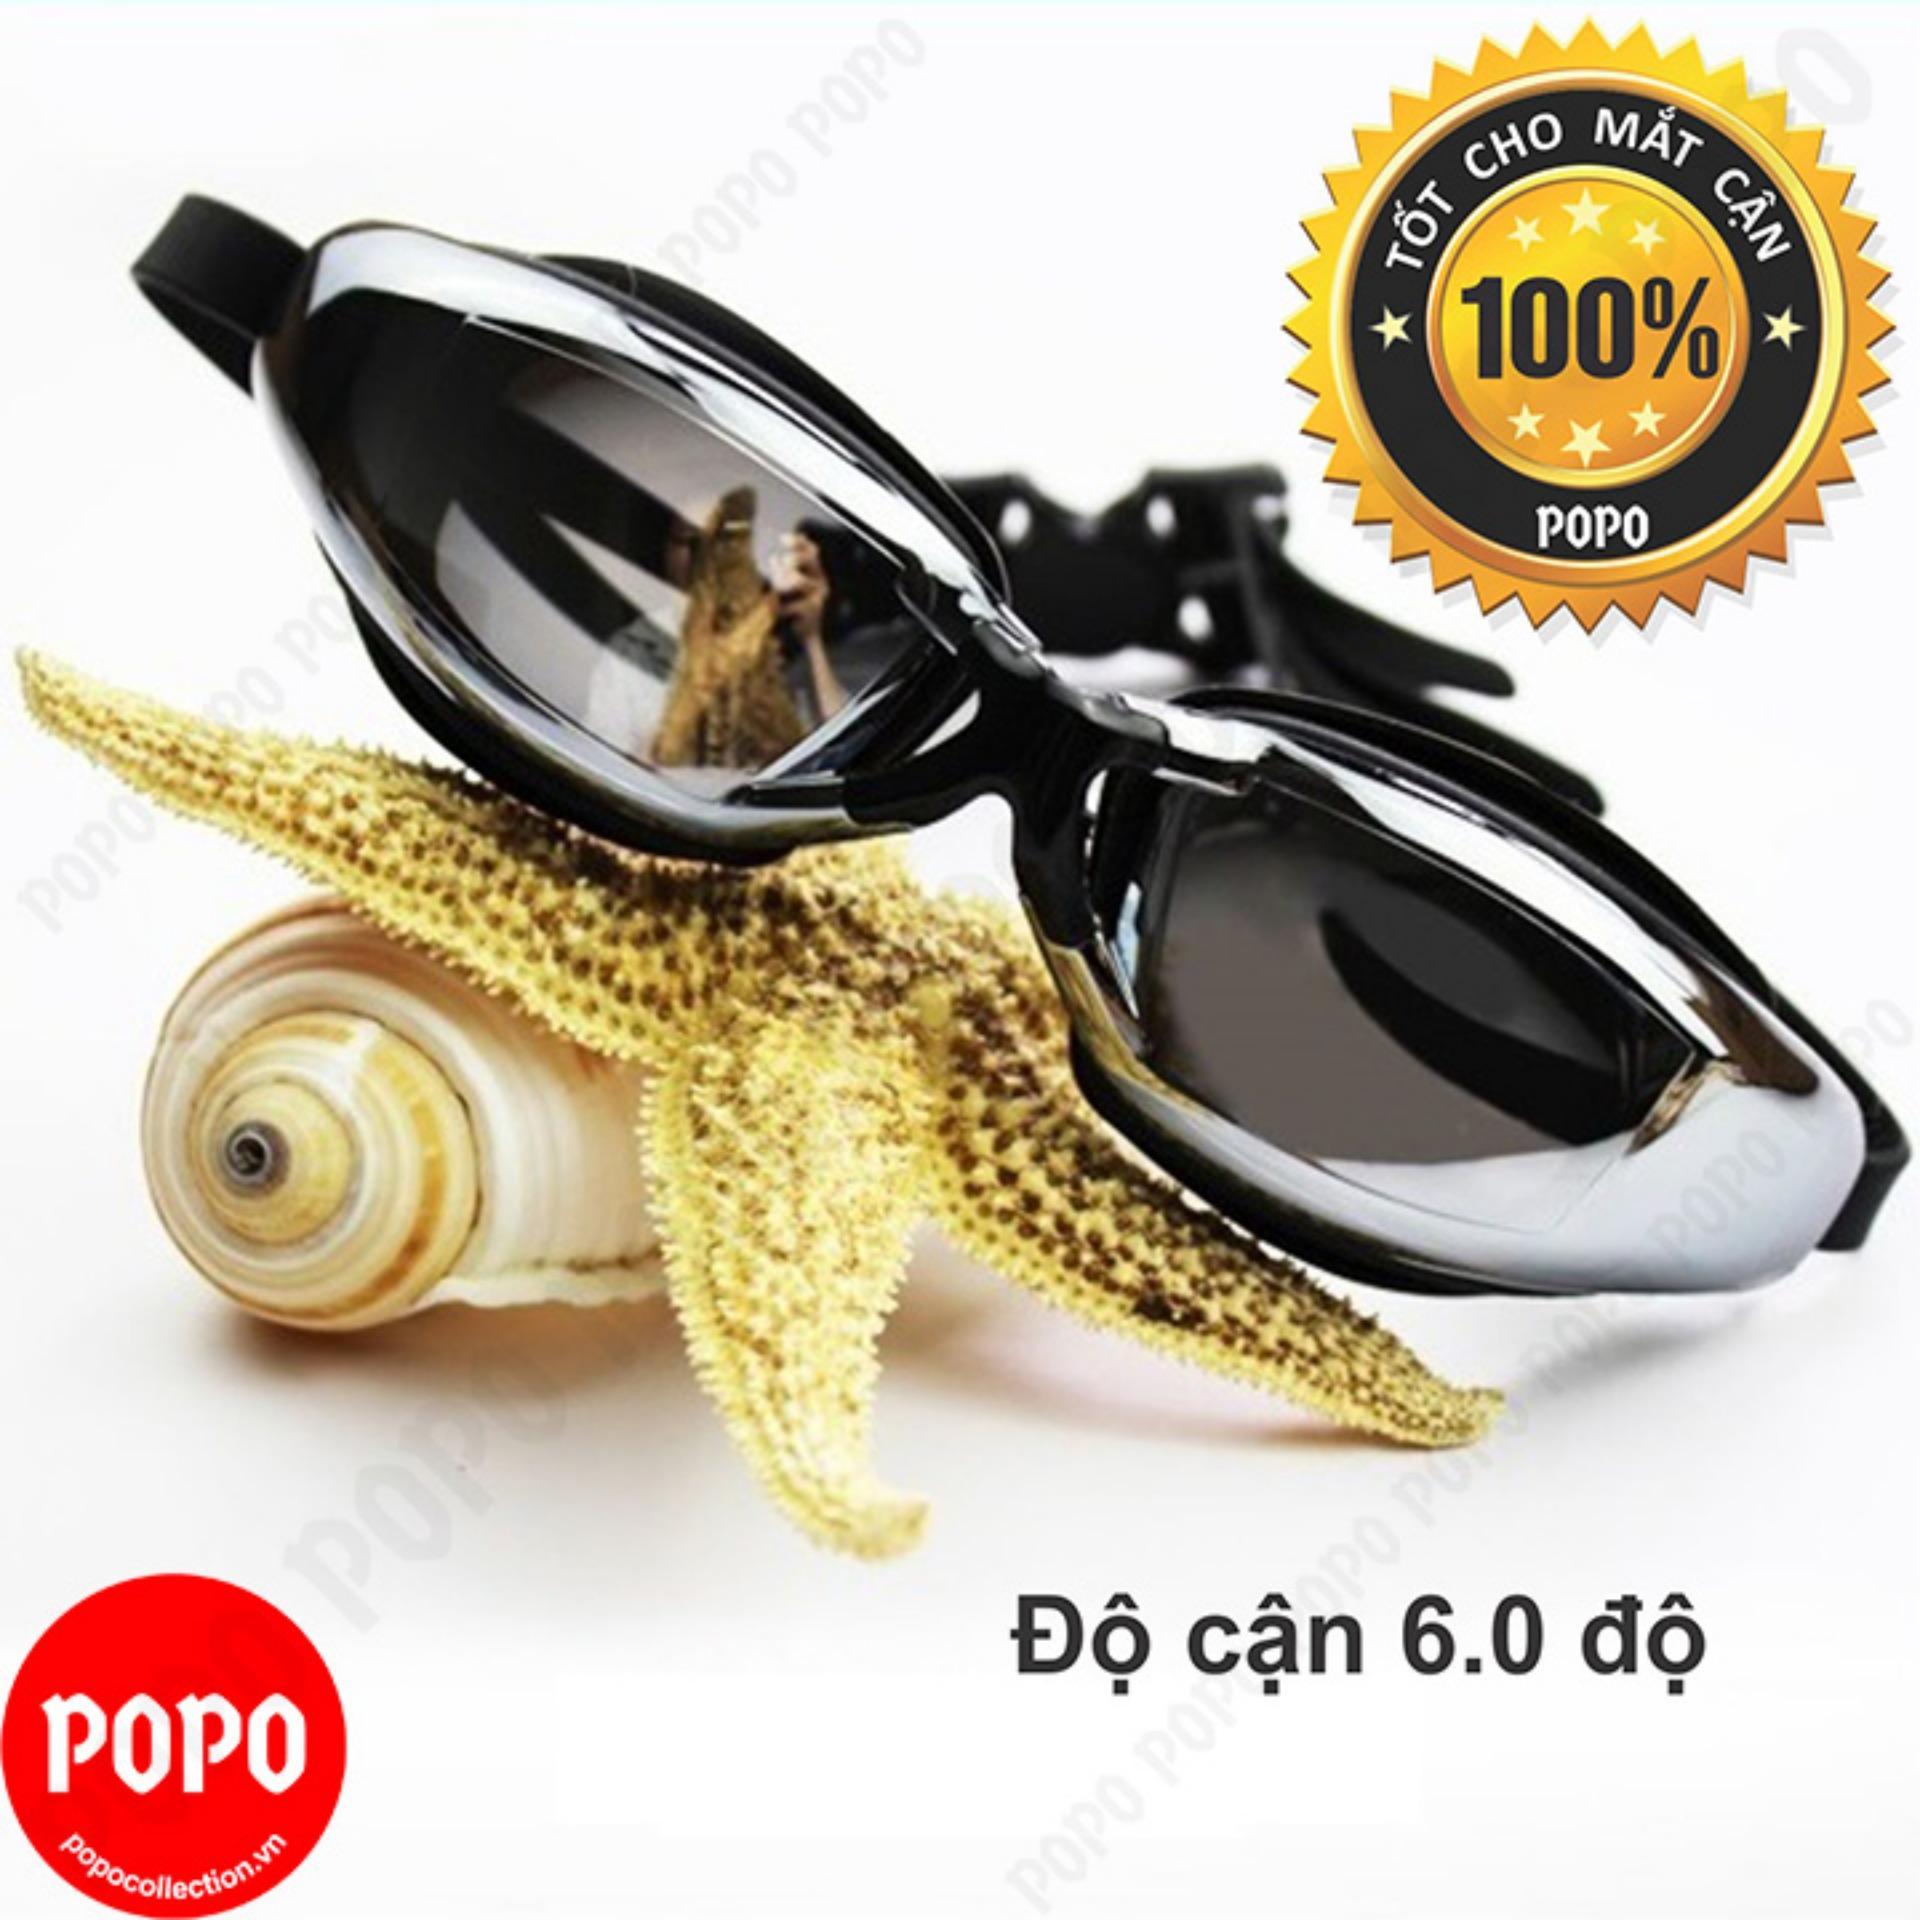 Hình ảnh Kính bơi CẬN 6.0 độ, tráng GƯƠNG, chống UV, chống HẤP HƠI, thời trang cao cấp + Quà Tặng 3M POPO Collection